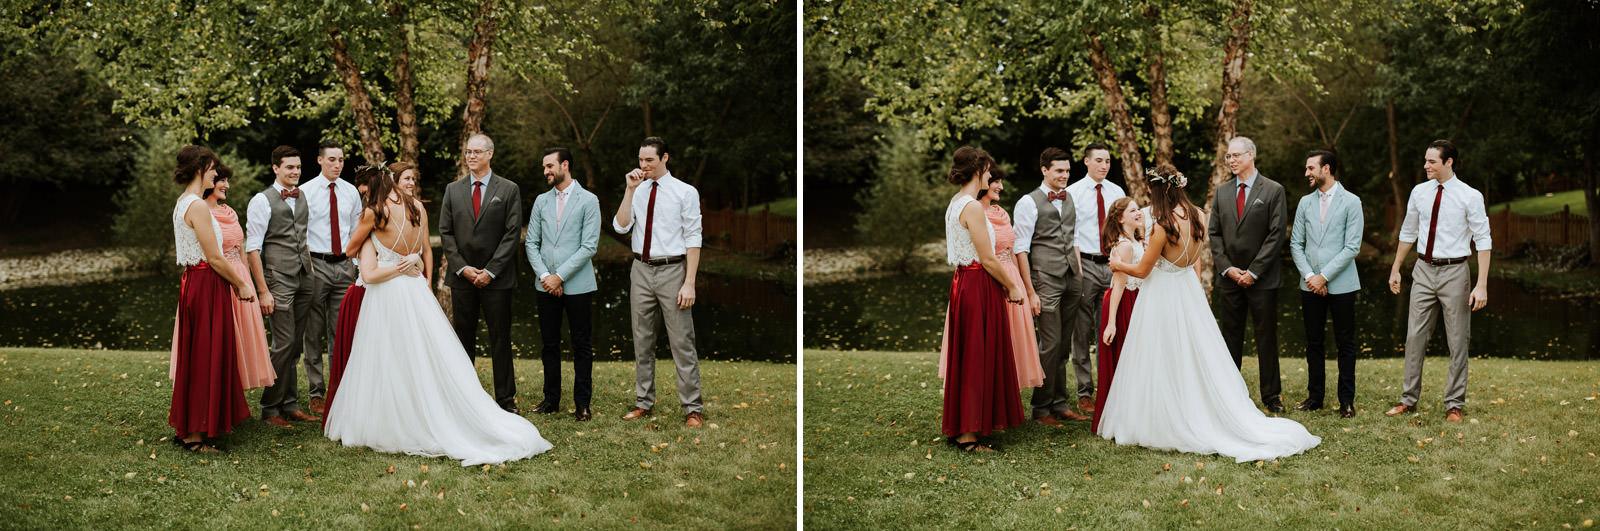 Backyard wedding chicago